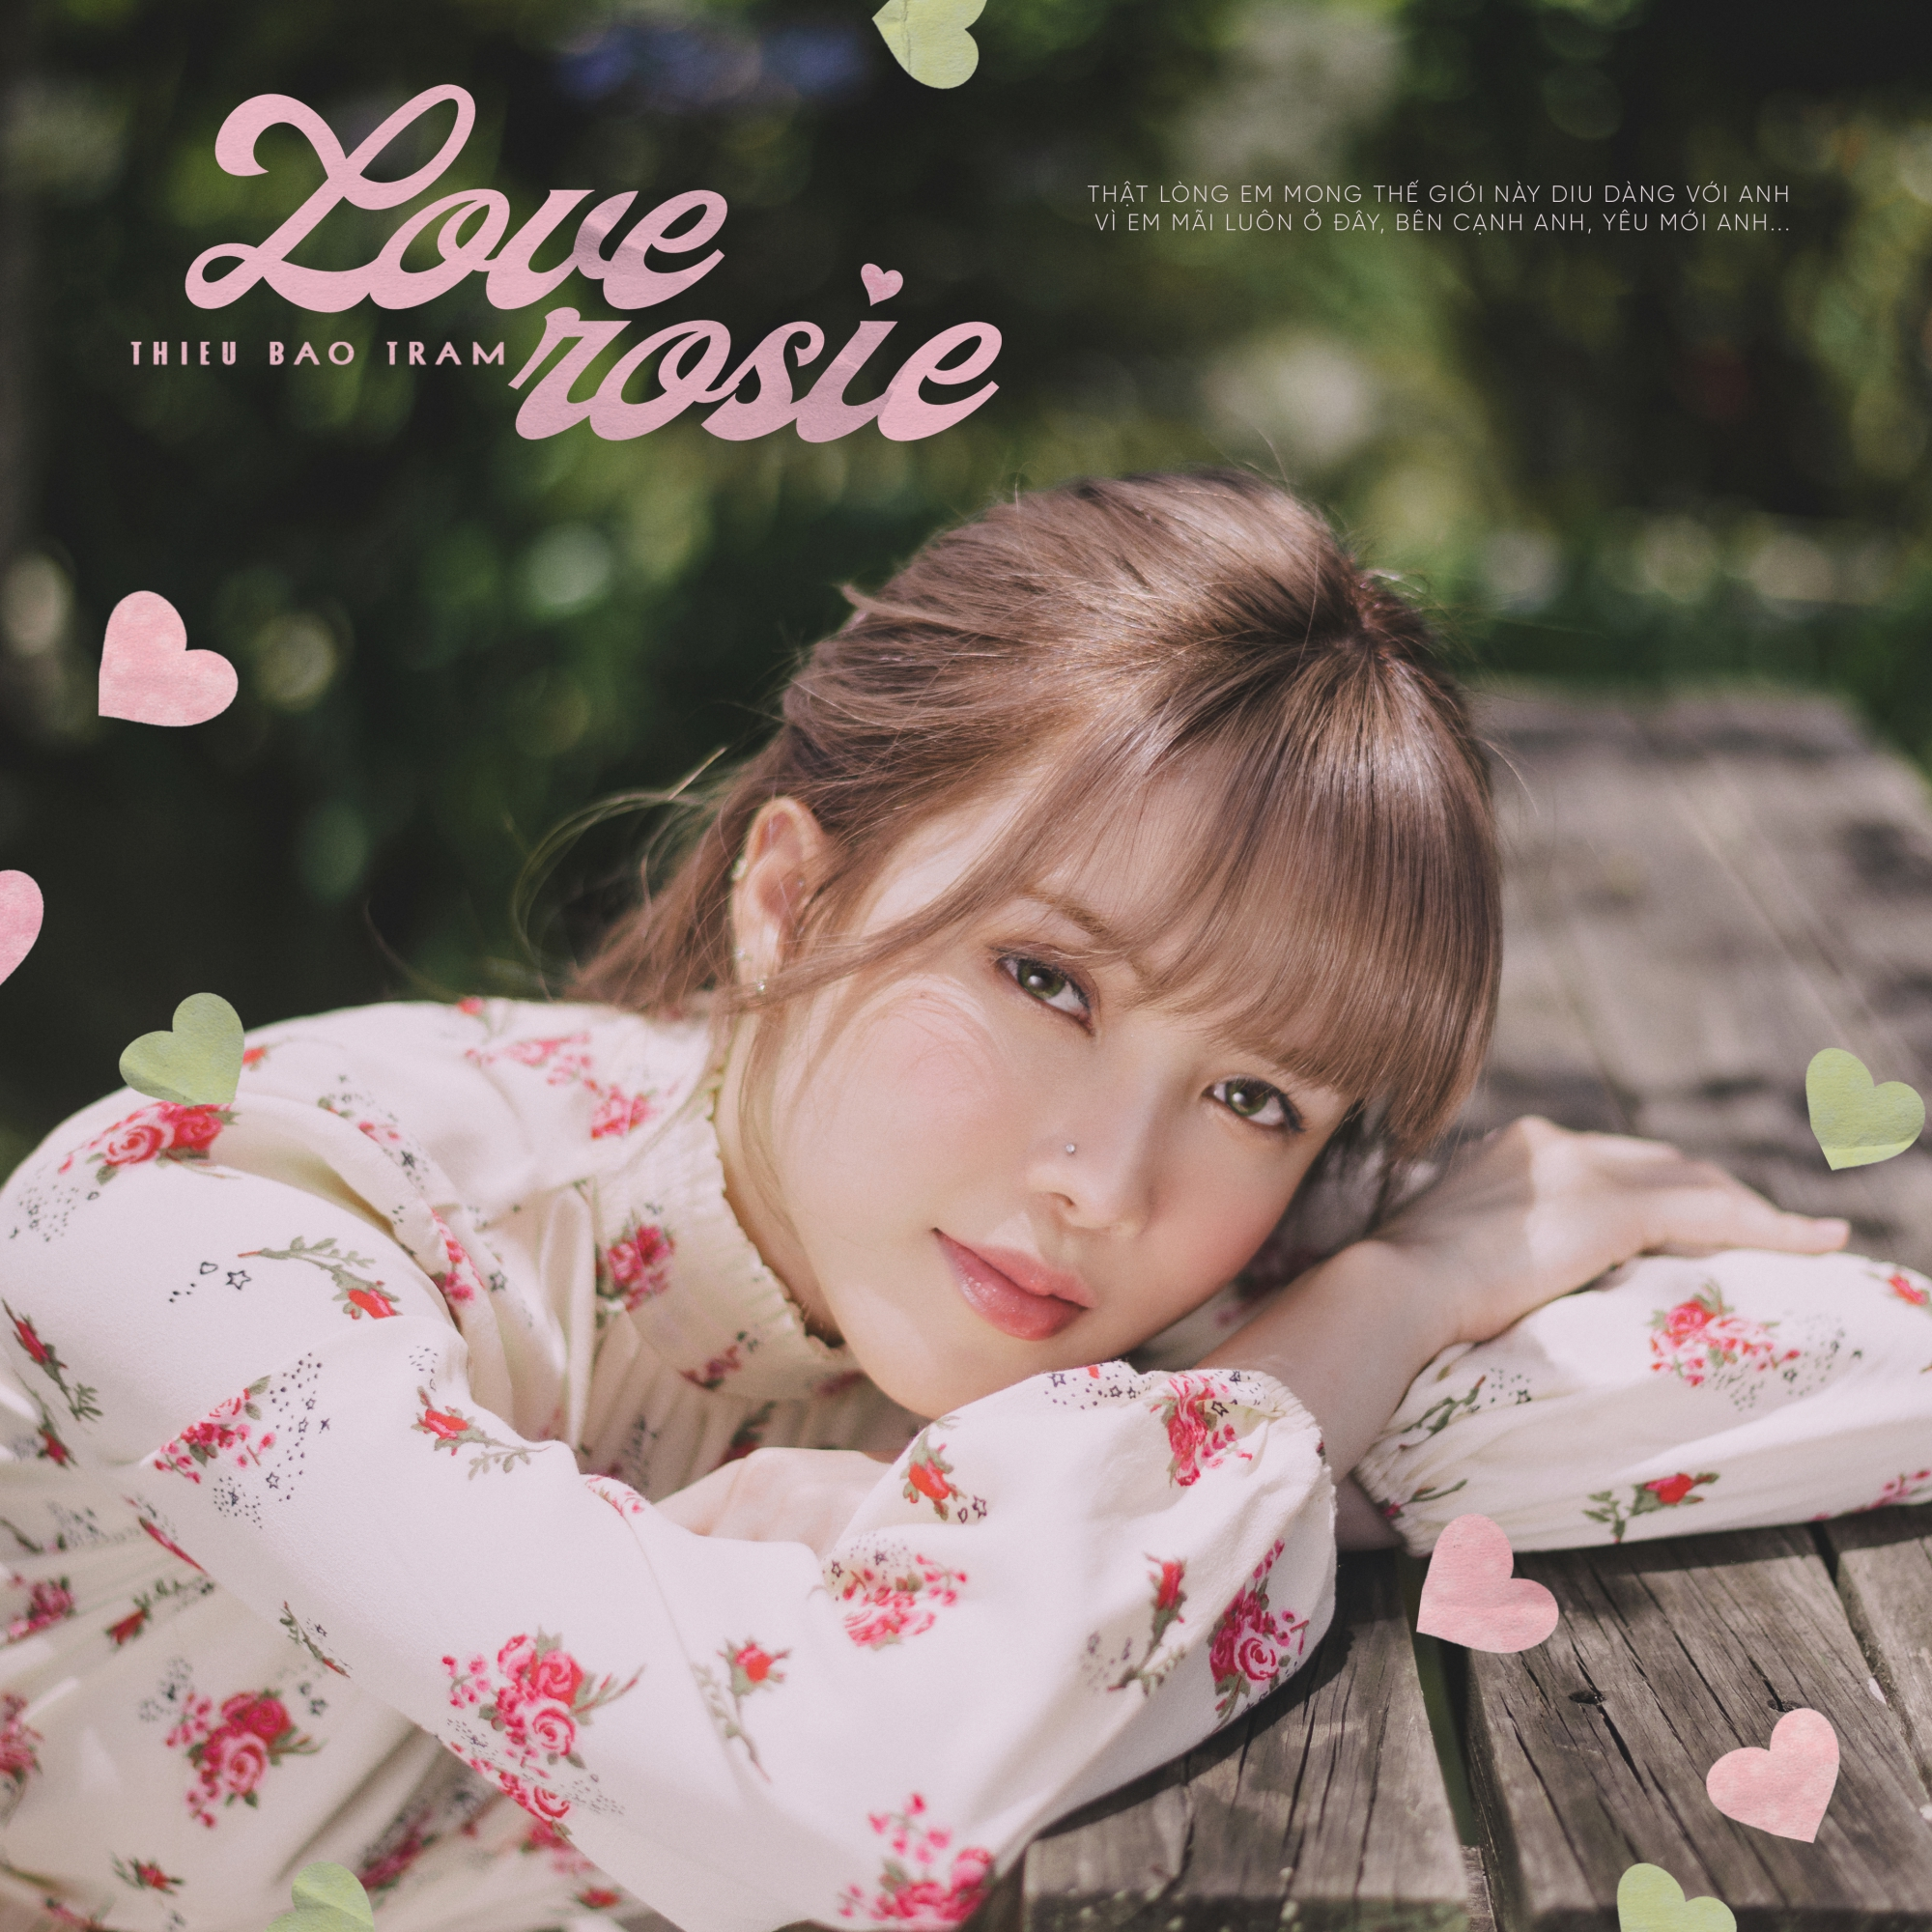 Thiều Bảo Trâm gây tò mò với câu hát đầu tiên trong Love Rosie: Thật lòng em mong thế giới này dịu dàng với anh